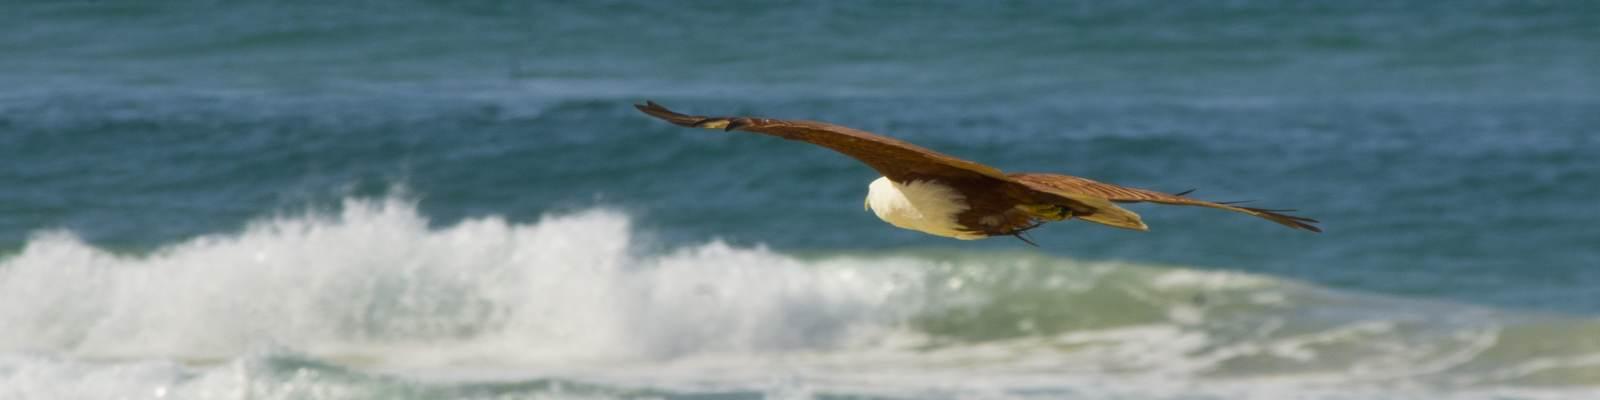 Brahmin Kite flying over sea